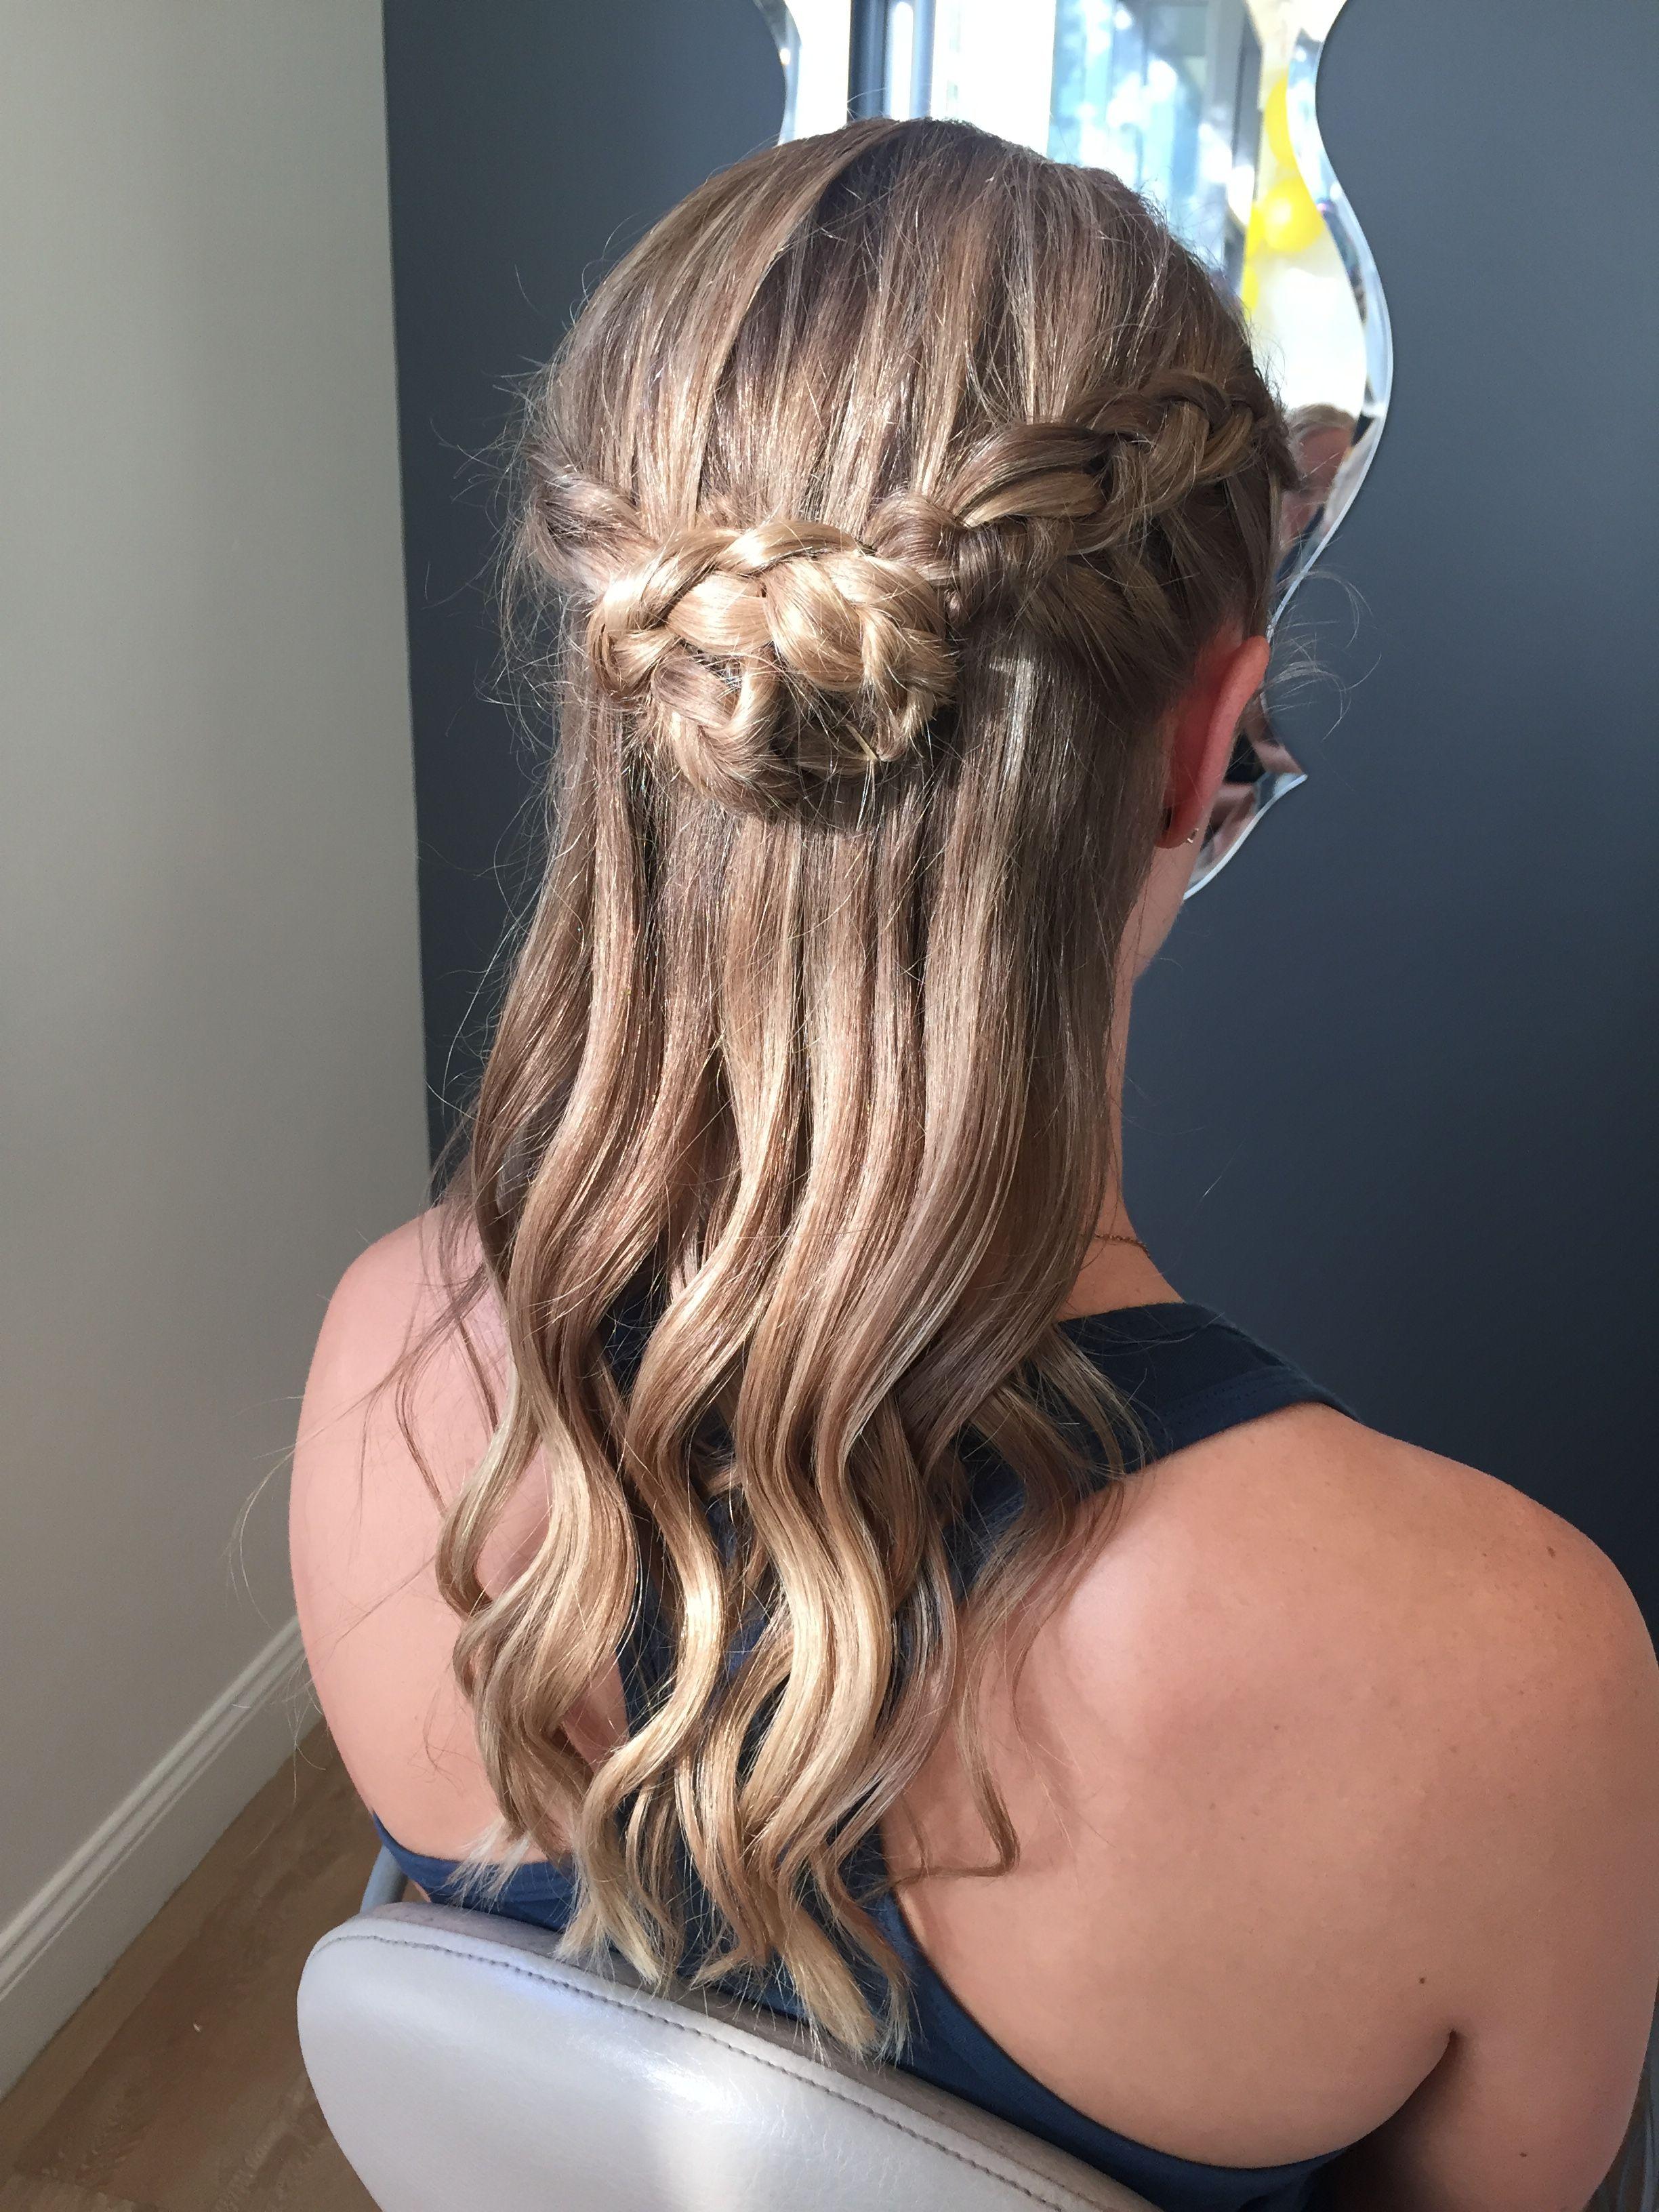 Pin By Jennifer Penman On Braids Jens Hair Style Long Hair Styles Hair Styles